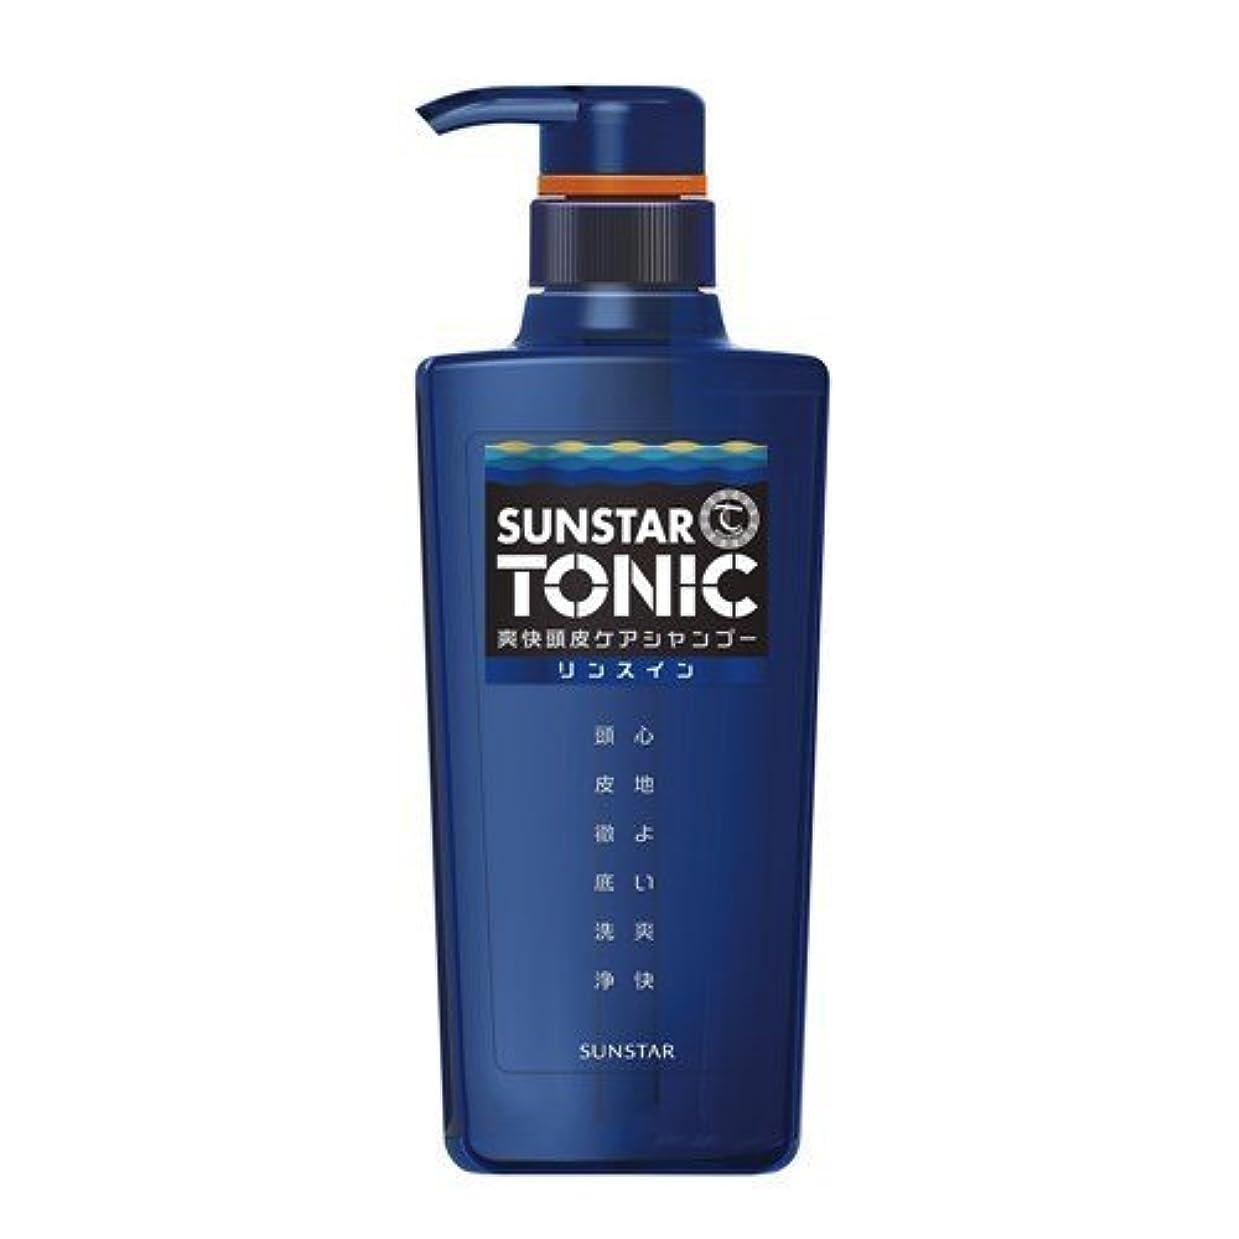 脊椎描写ランプSUNSTAR TONIC(サンスタートニック) サンスター トニックシャンプー リンスイン 爽快頭皮ケア 460mL ノンシリコン処方 [シトラスハーブの香り] 詰替え用